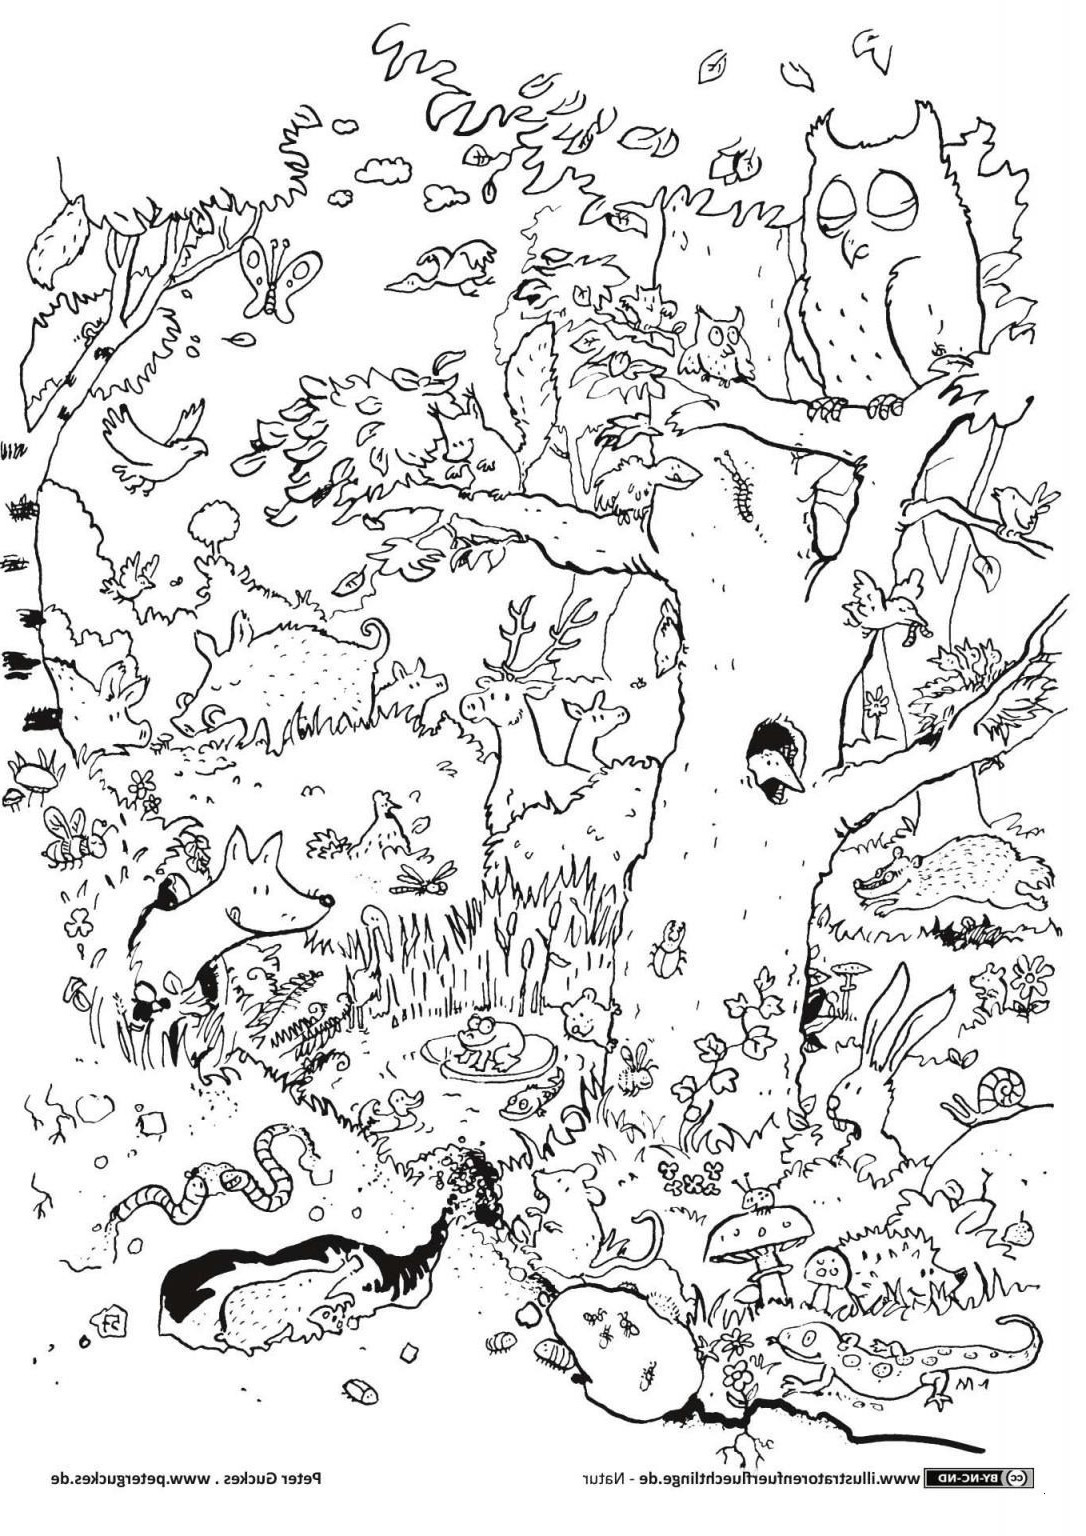 Tom Und Jerry Ausmalbilder Einzigartig 44 Frisch Essen Ausmalbilder – Große Coloring Page Sammlung Das Bild